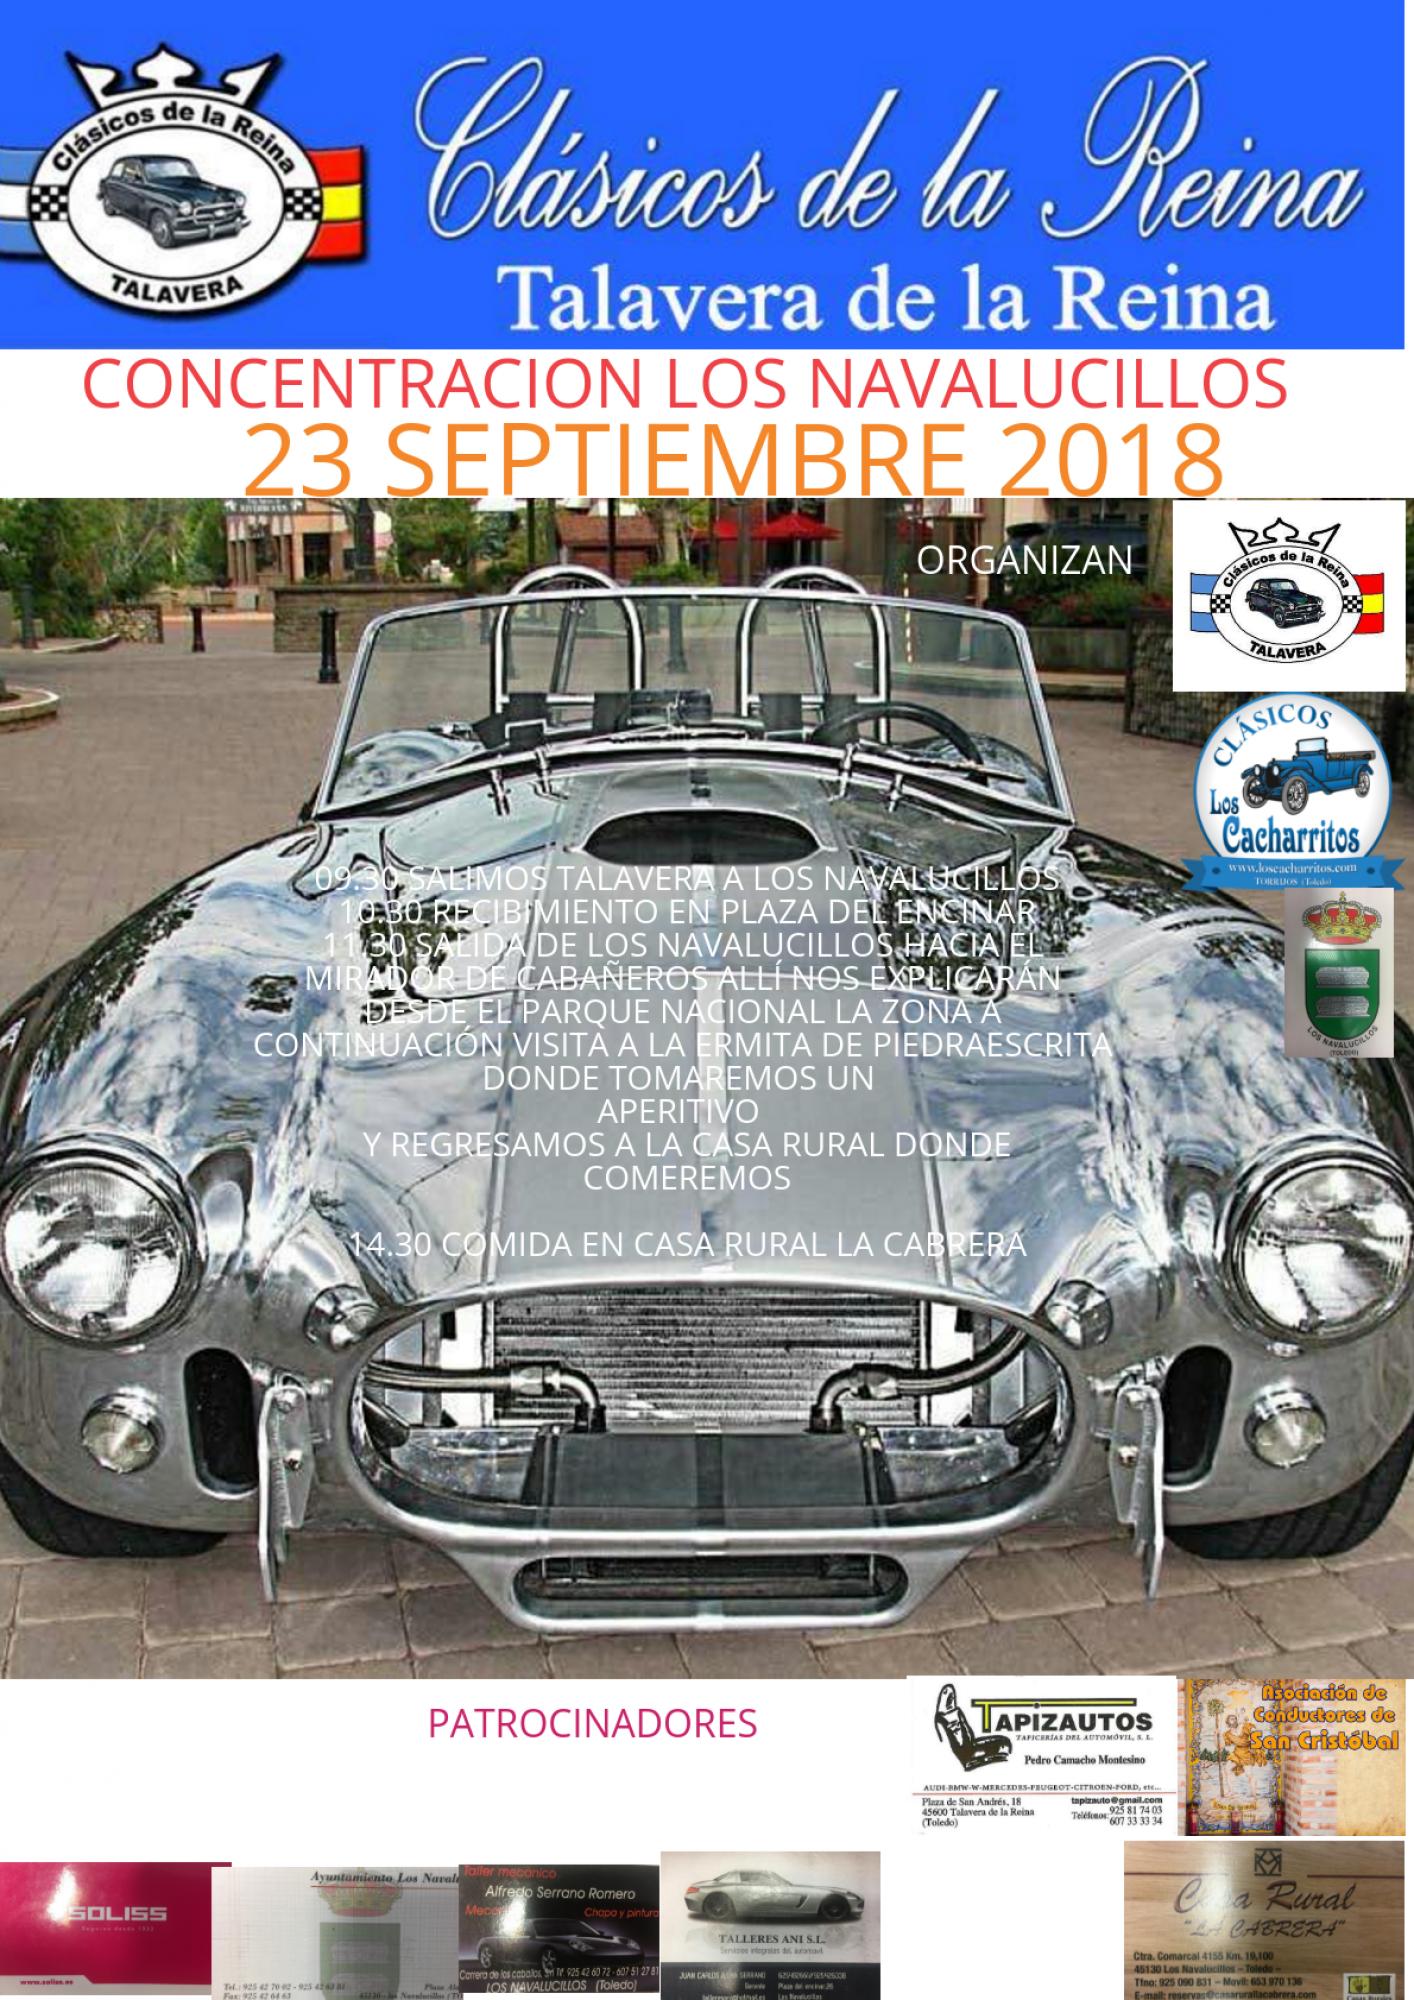 Los Clásicos de la Reina viajarán a Los Navalucillos para celebrar una multitudinaria concentración de coches